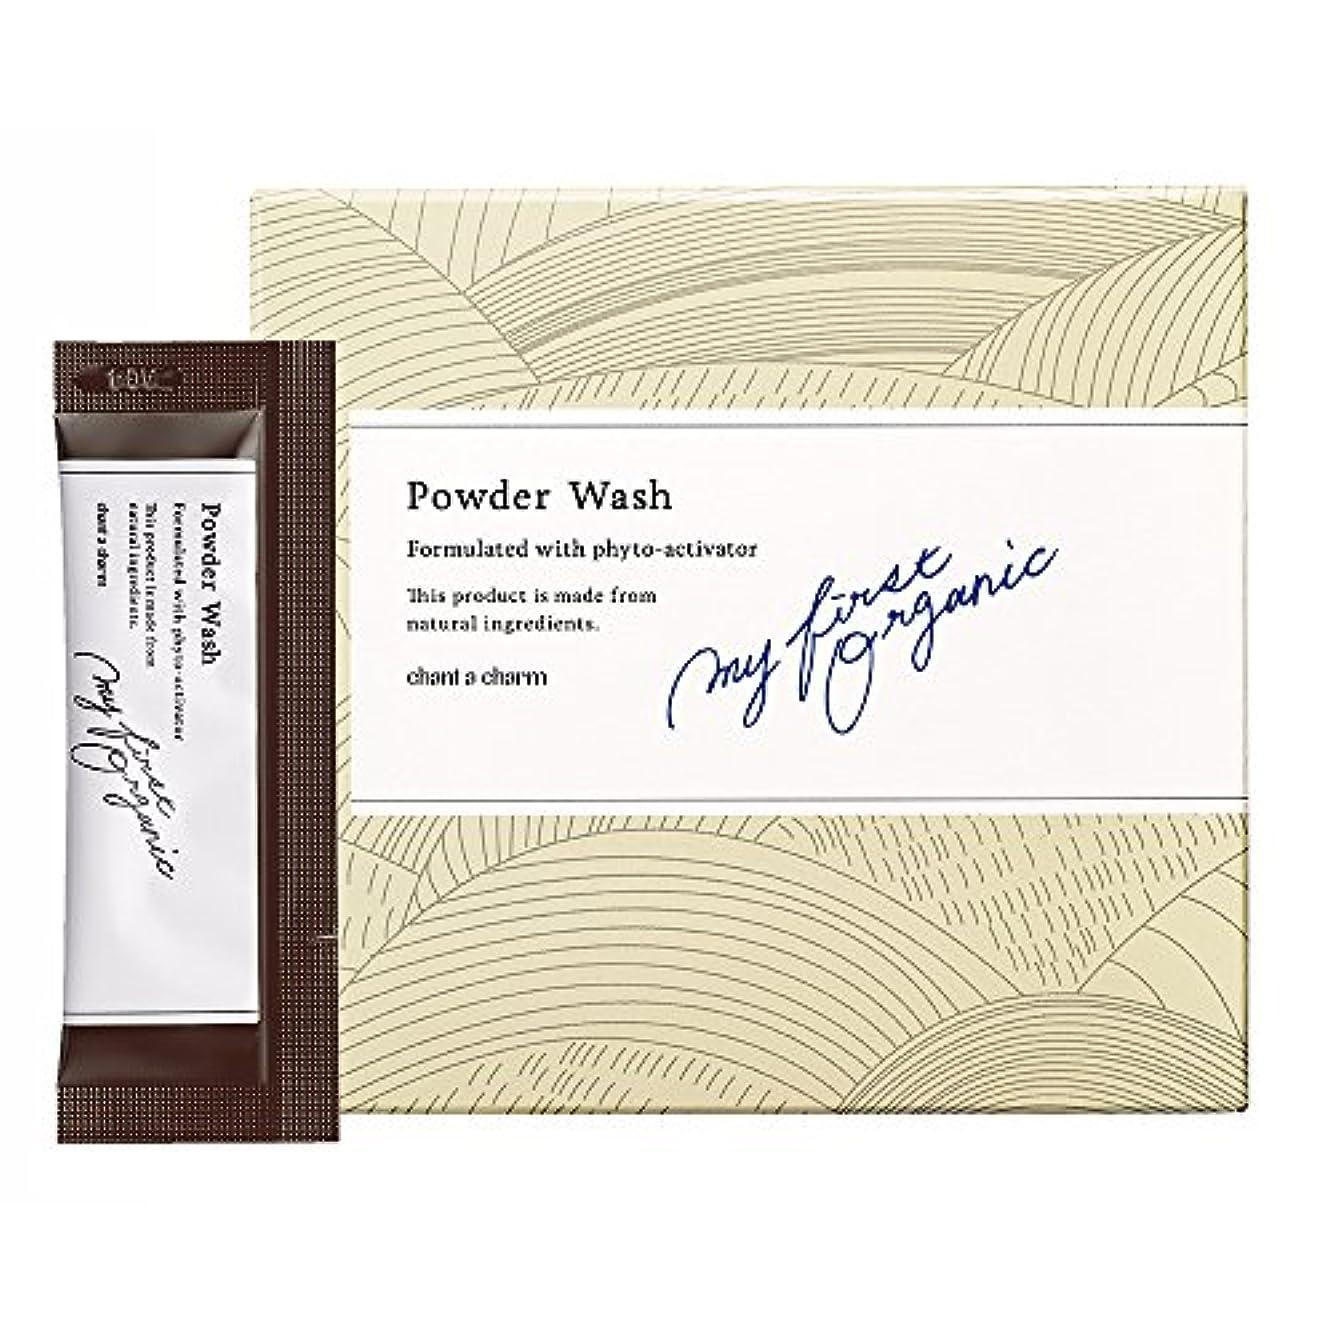 損なう理想的にはアーティストチャントアチャーム パウダーウォッシュ ニキビ肌用酵素洗顔 医薬部外品